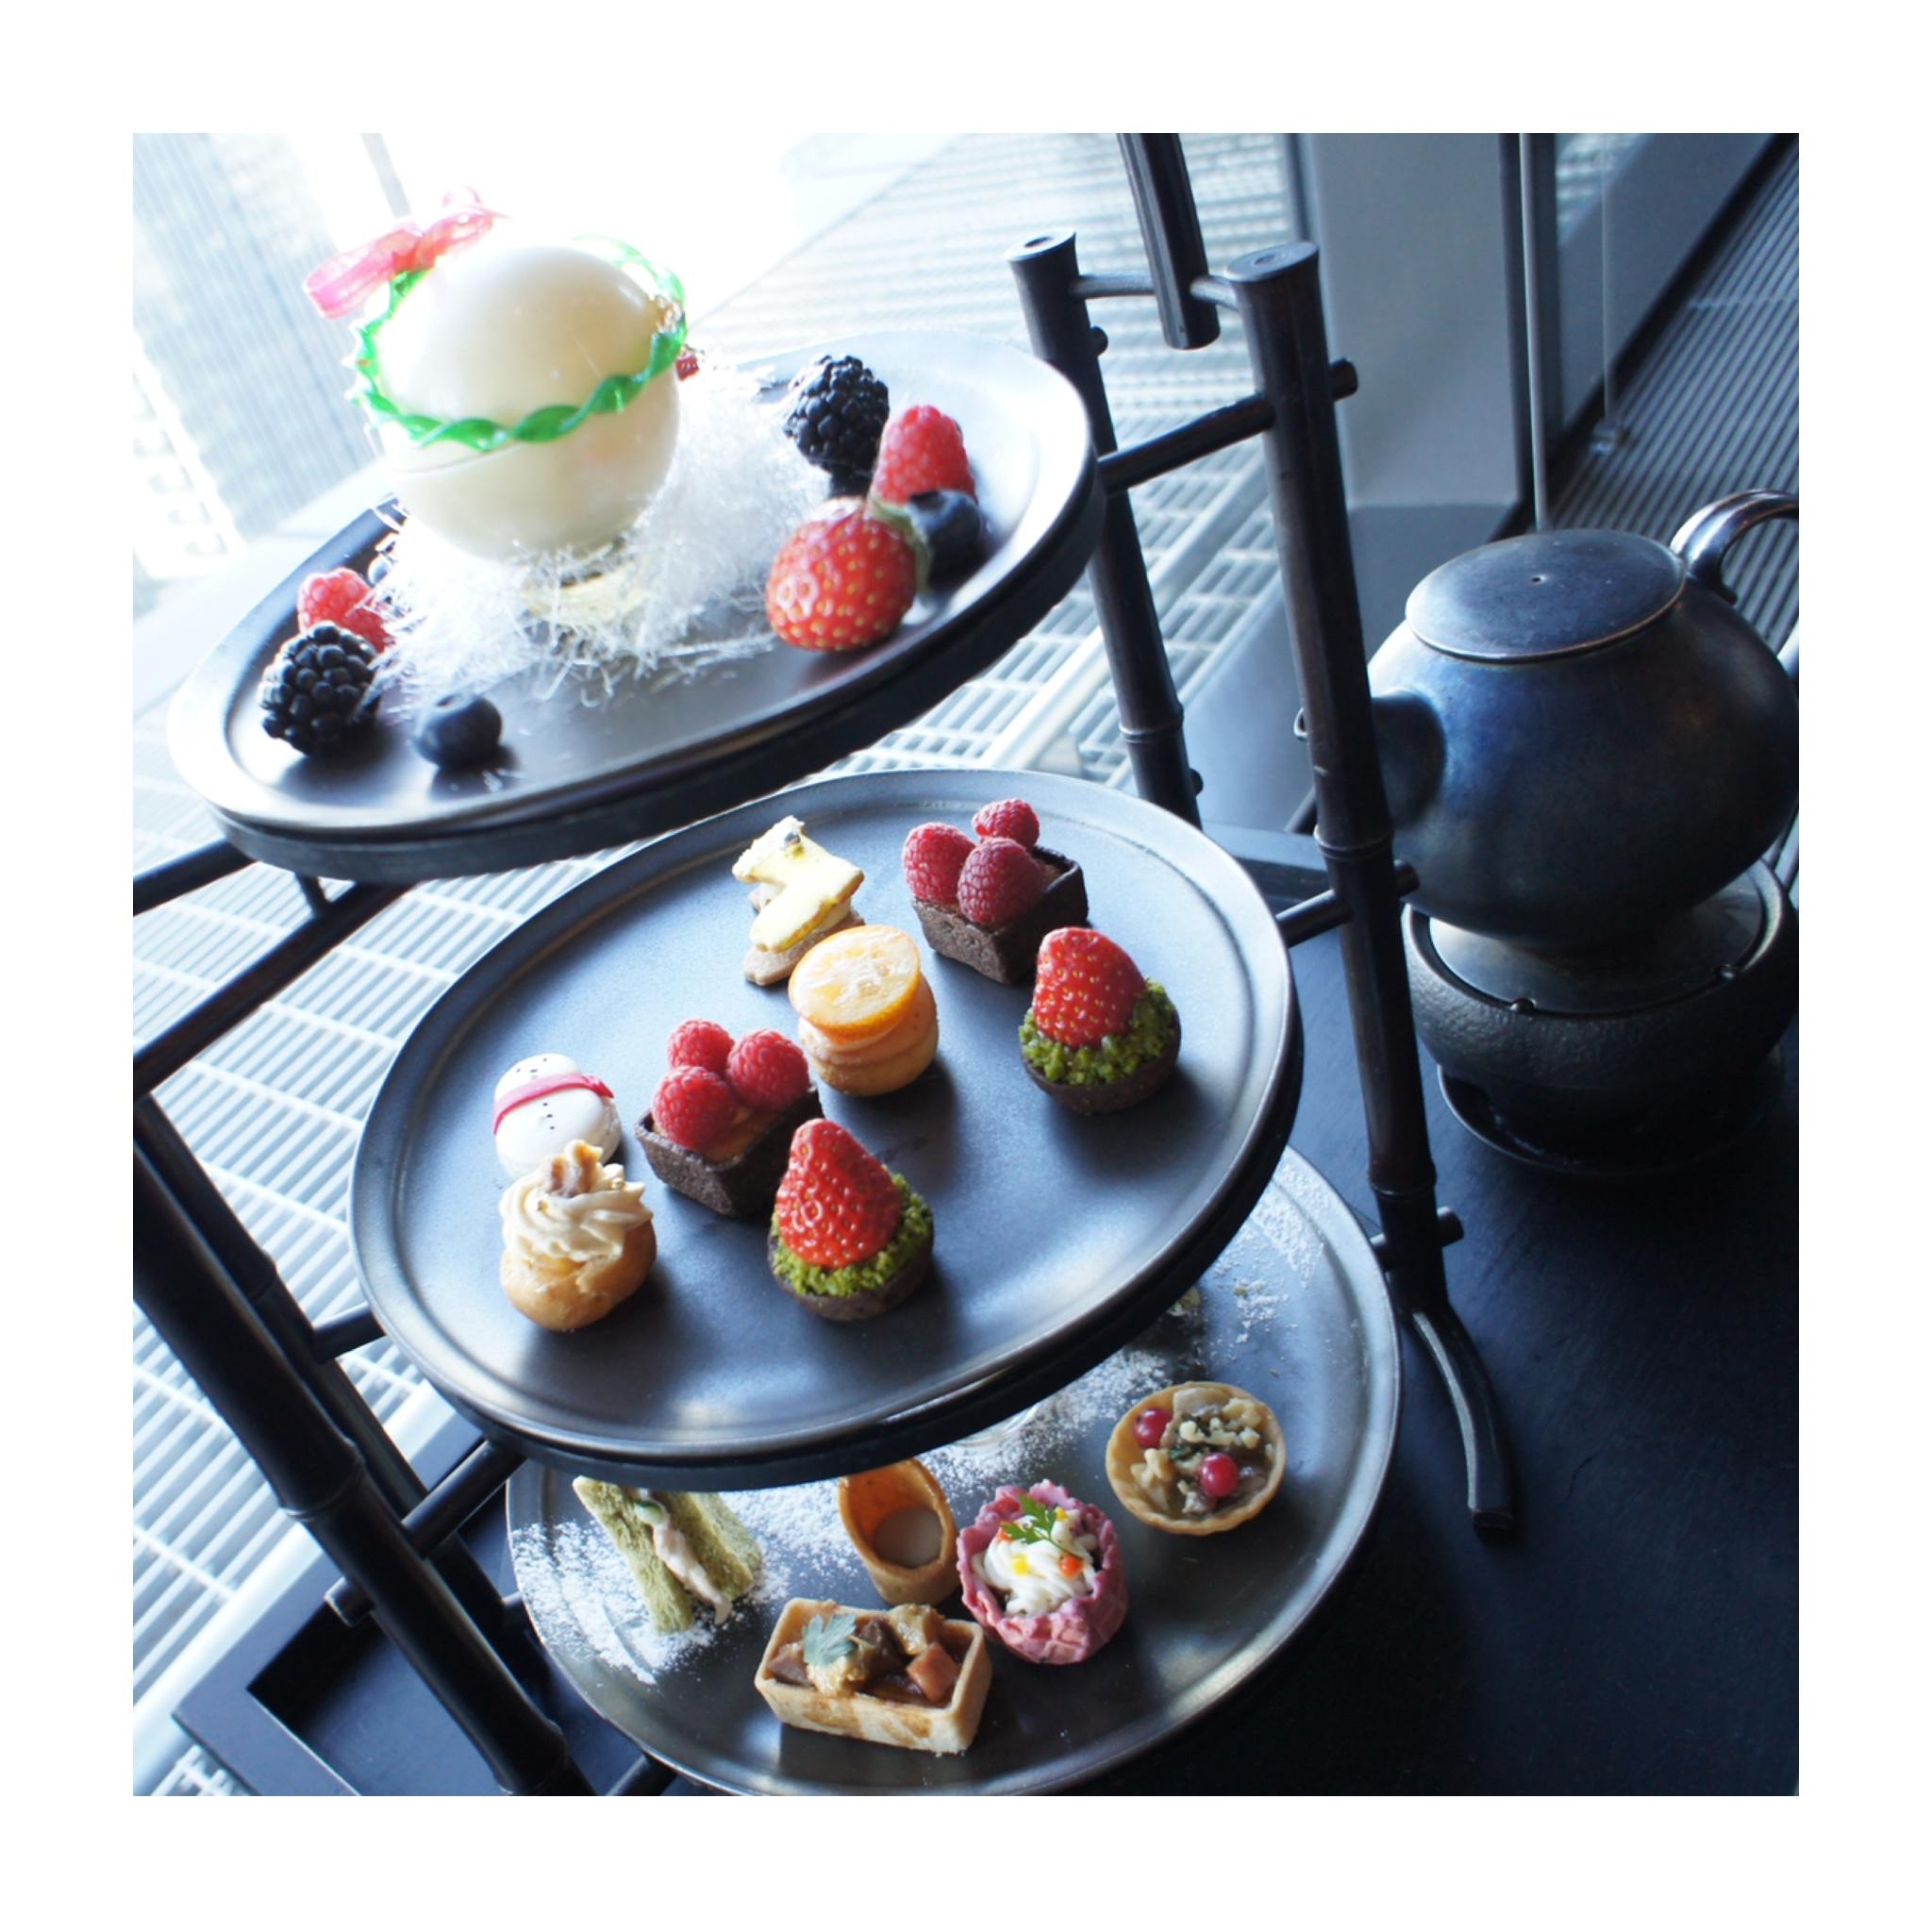 《ご当地MORE★東京》すべてが至福のひととき❤️【アマン東京】Christmas Afternoon Teaに行ってきました☻_9